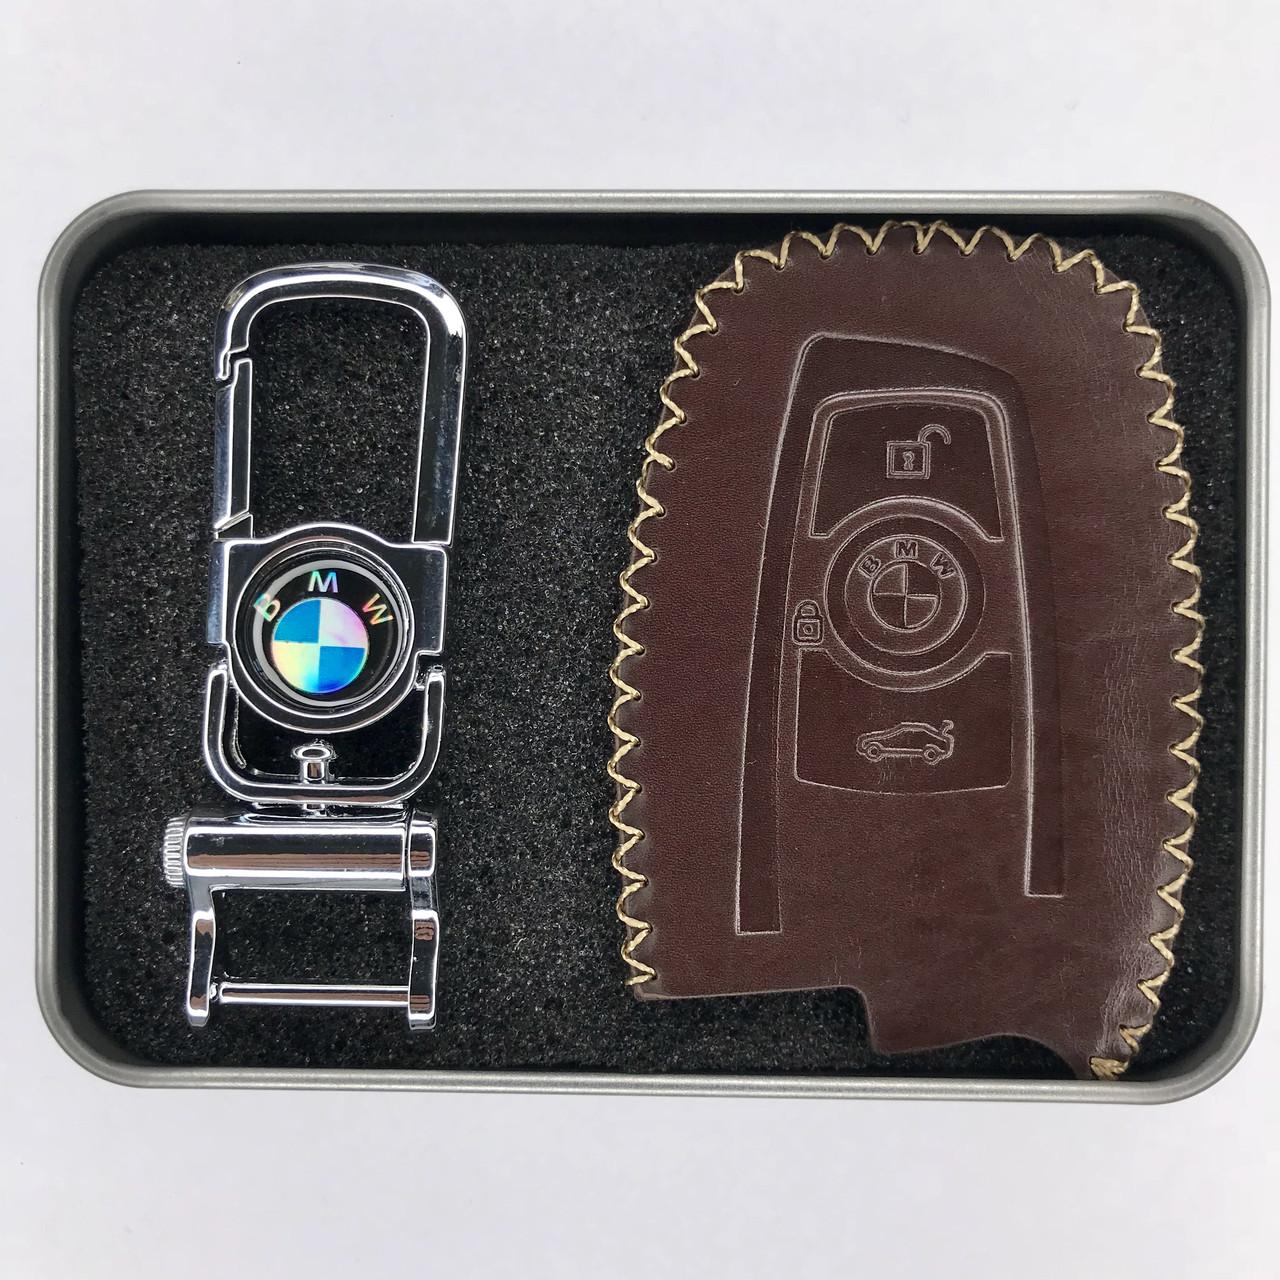 Кожаный чехол для ключа BMW 1,2,3,4,5,6,7,8,I3,I8,m1,m2,m3,m4,m5, m6,x1,x2,x3,x4,x5,x6,Z4,F10,15,20,30,48